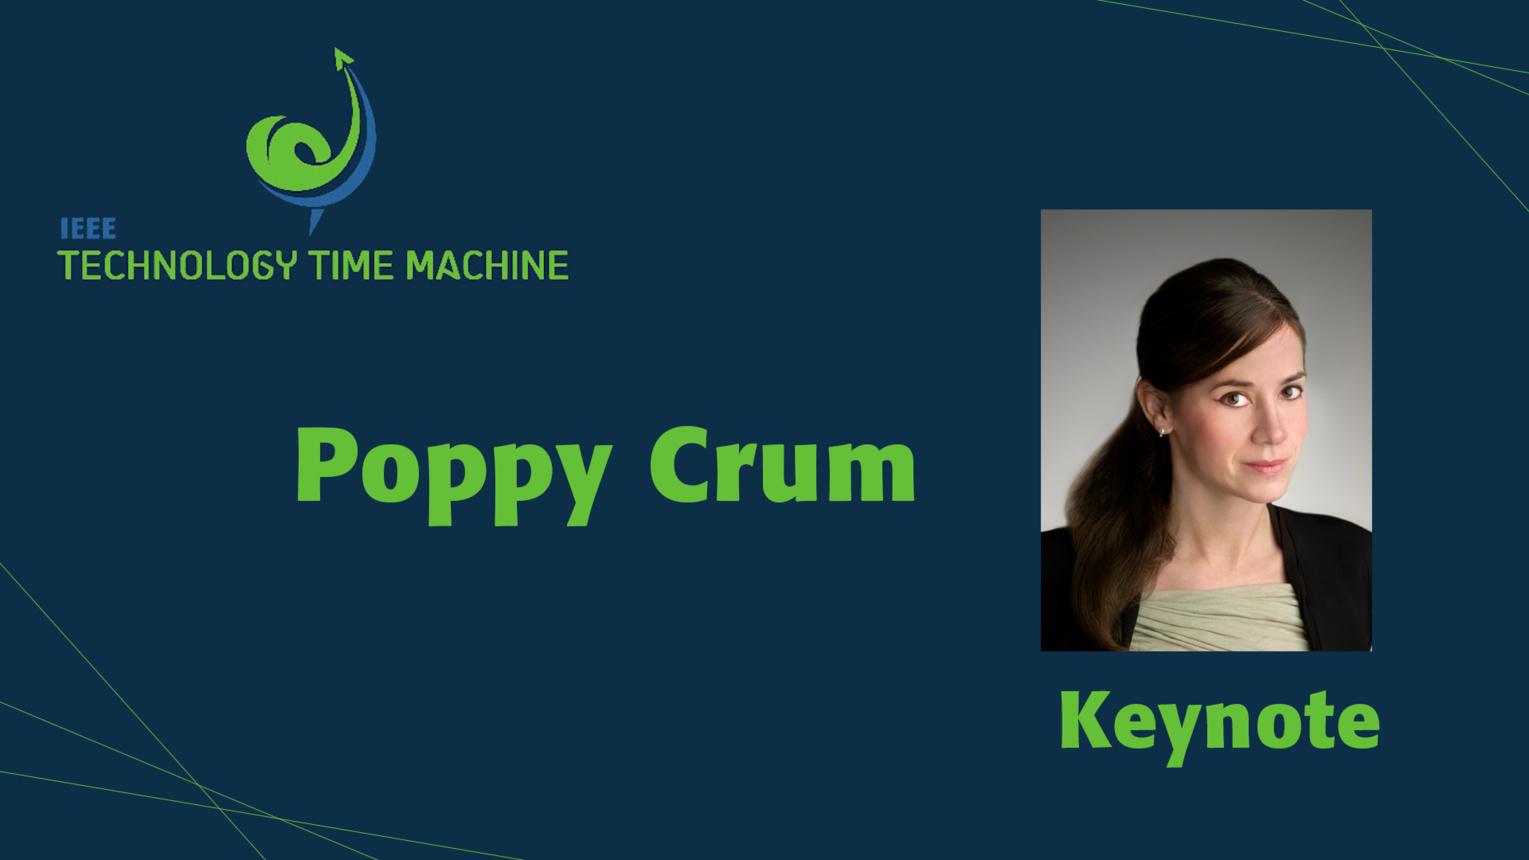 Keynote: Poppy Crum - TTM 2018